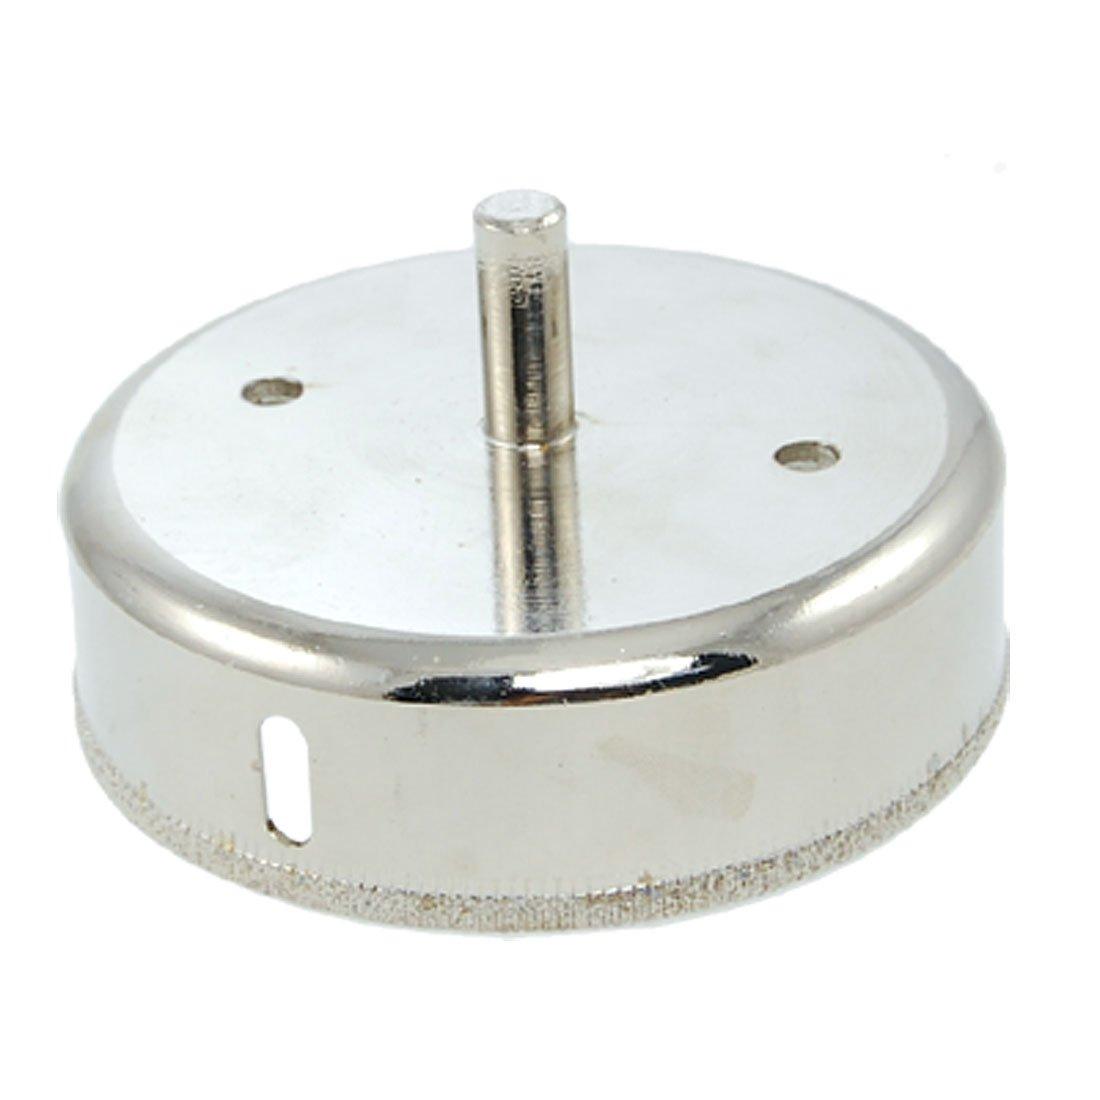 100 mm punta de diamante brocas para Metal sierra perforadora el/éctrica tono plateado para cristal